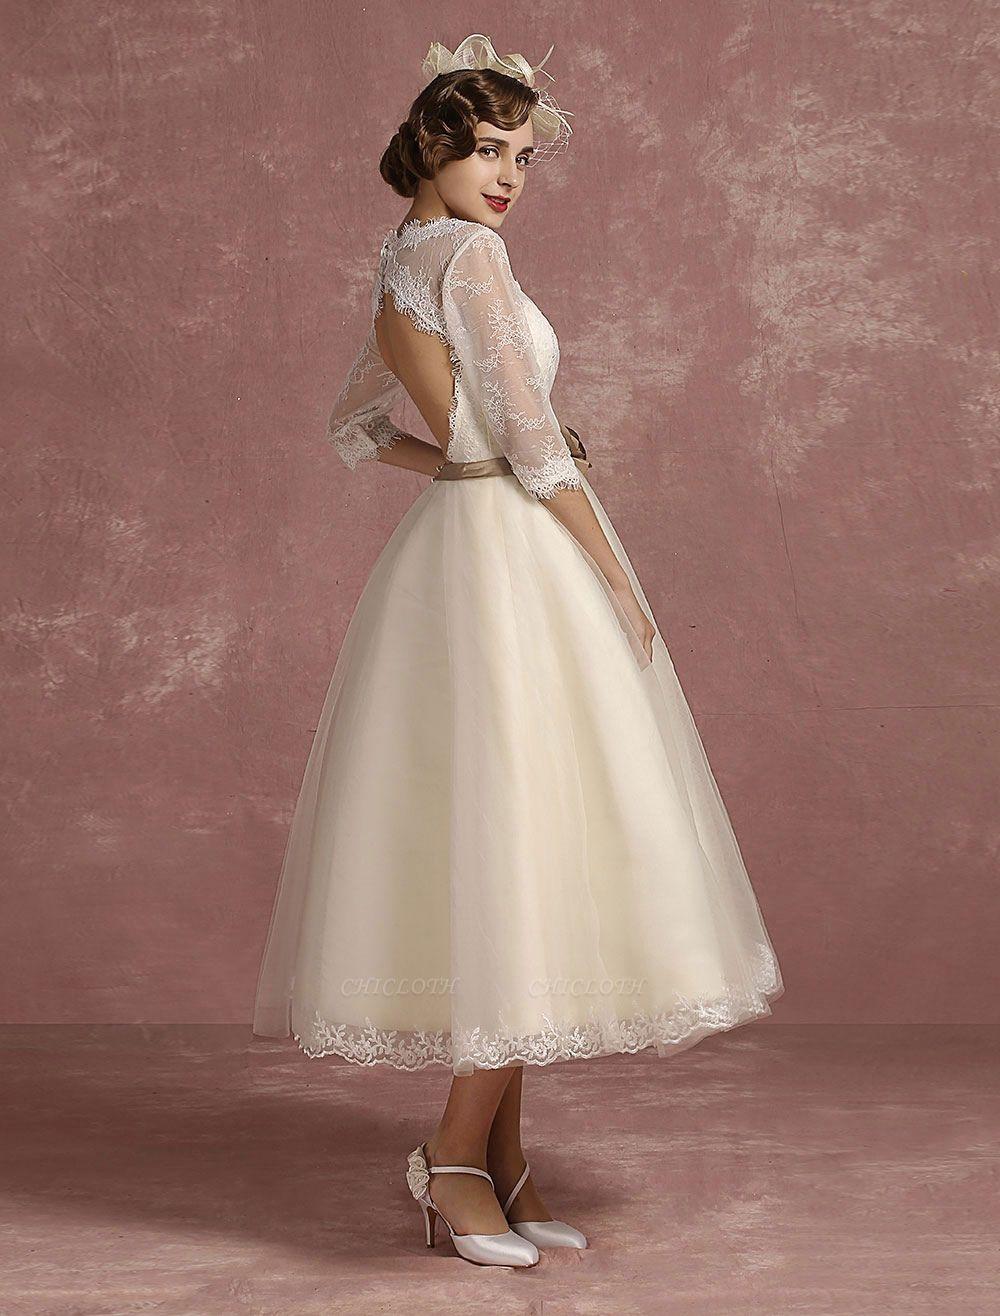 Vintage Wedding Dress Short Lace Tulle Bridal Dress Half Sleeve V Neck Backless A Line Flower Sash Tea Length Bridal Gown Exclusive